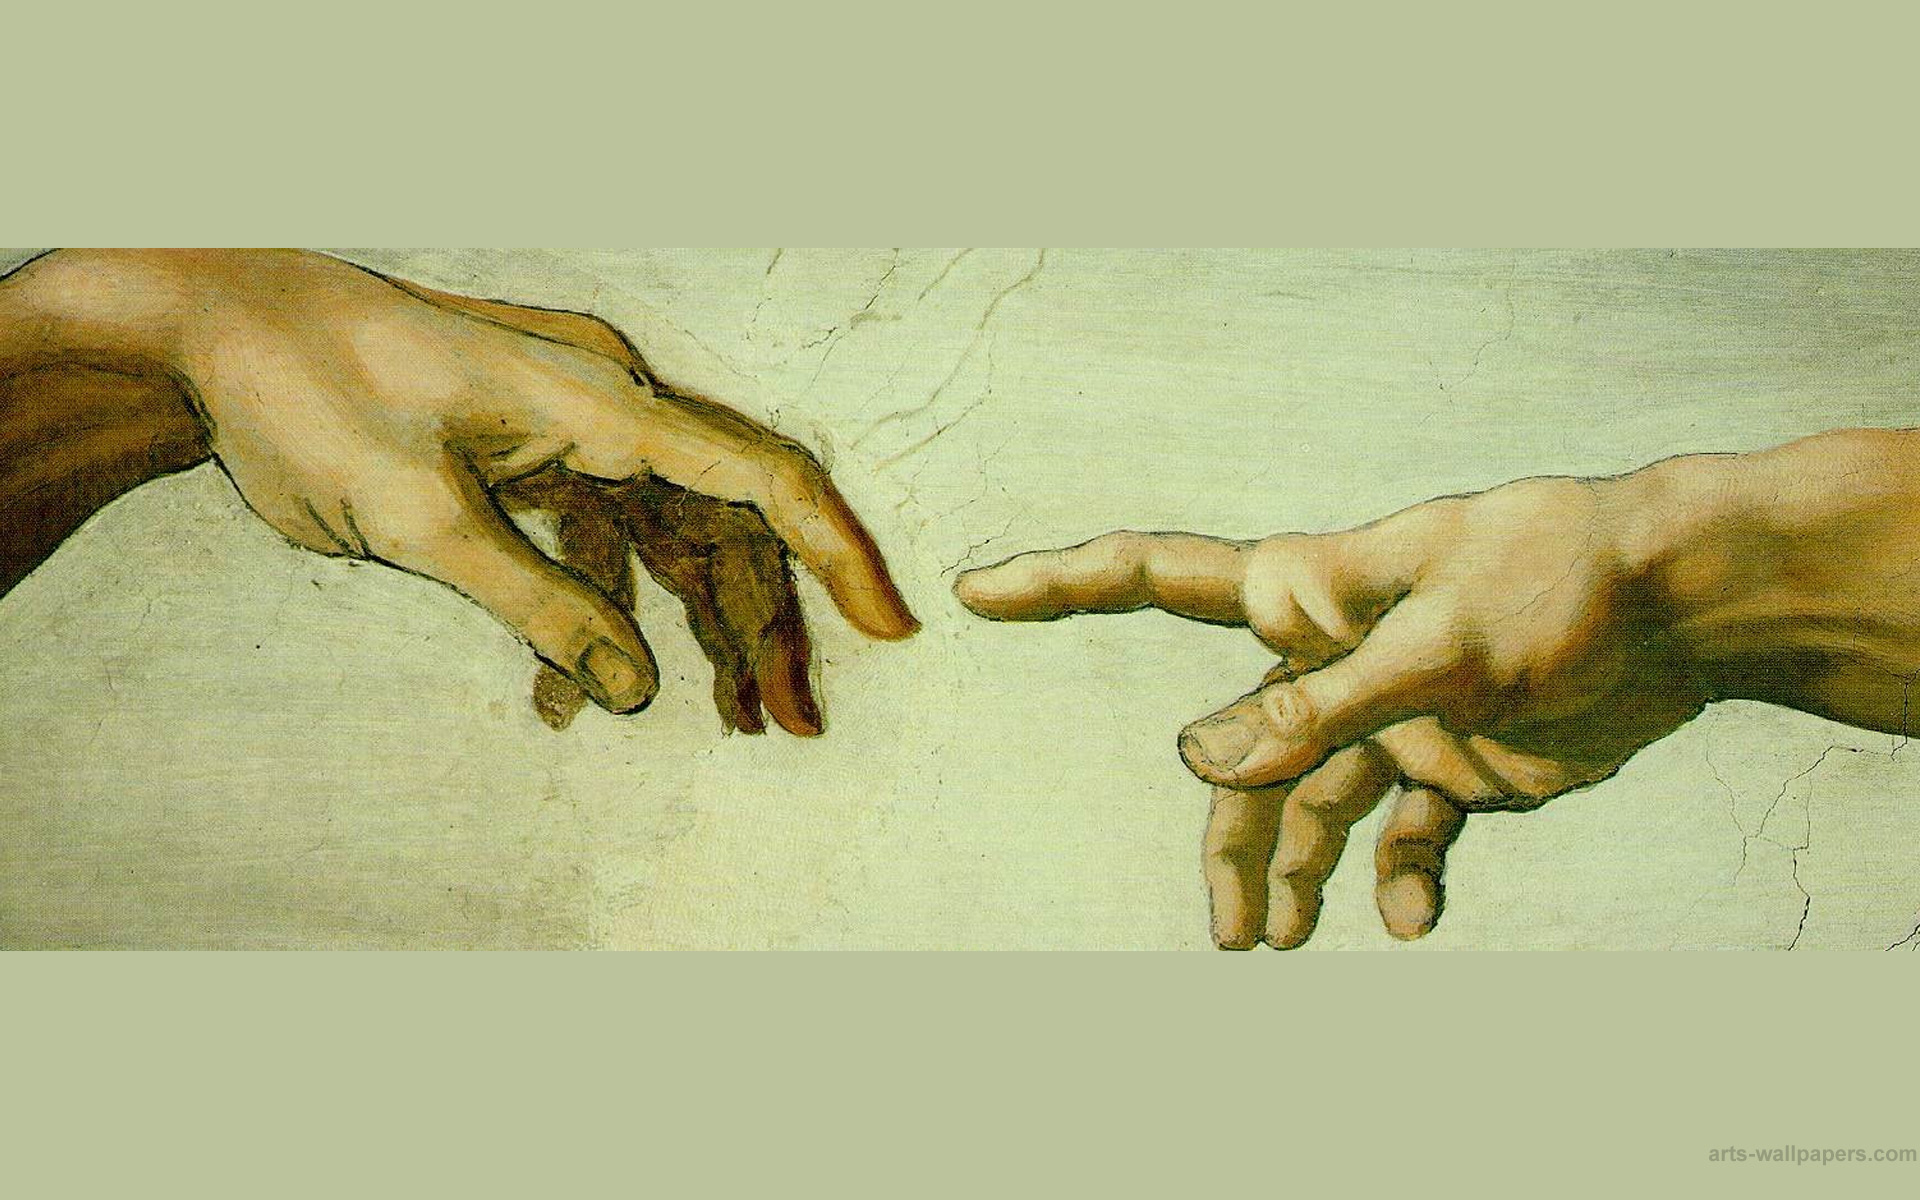 Renaissance Wallpapers Art Wallpaper 1920x1200